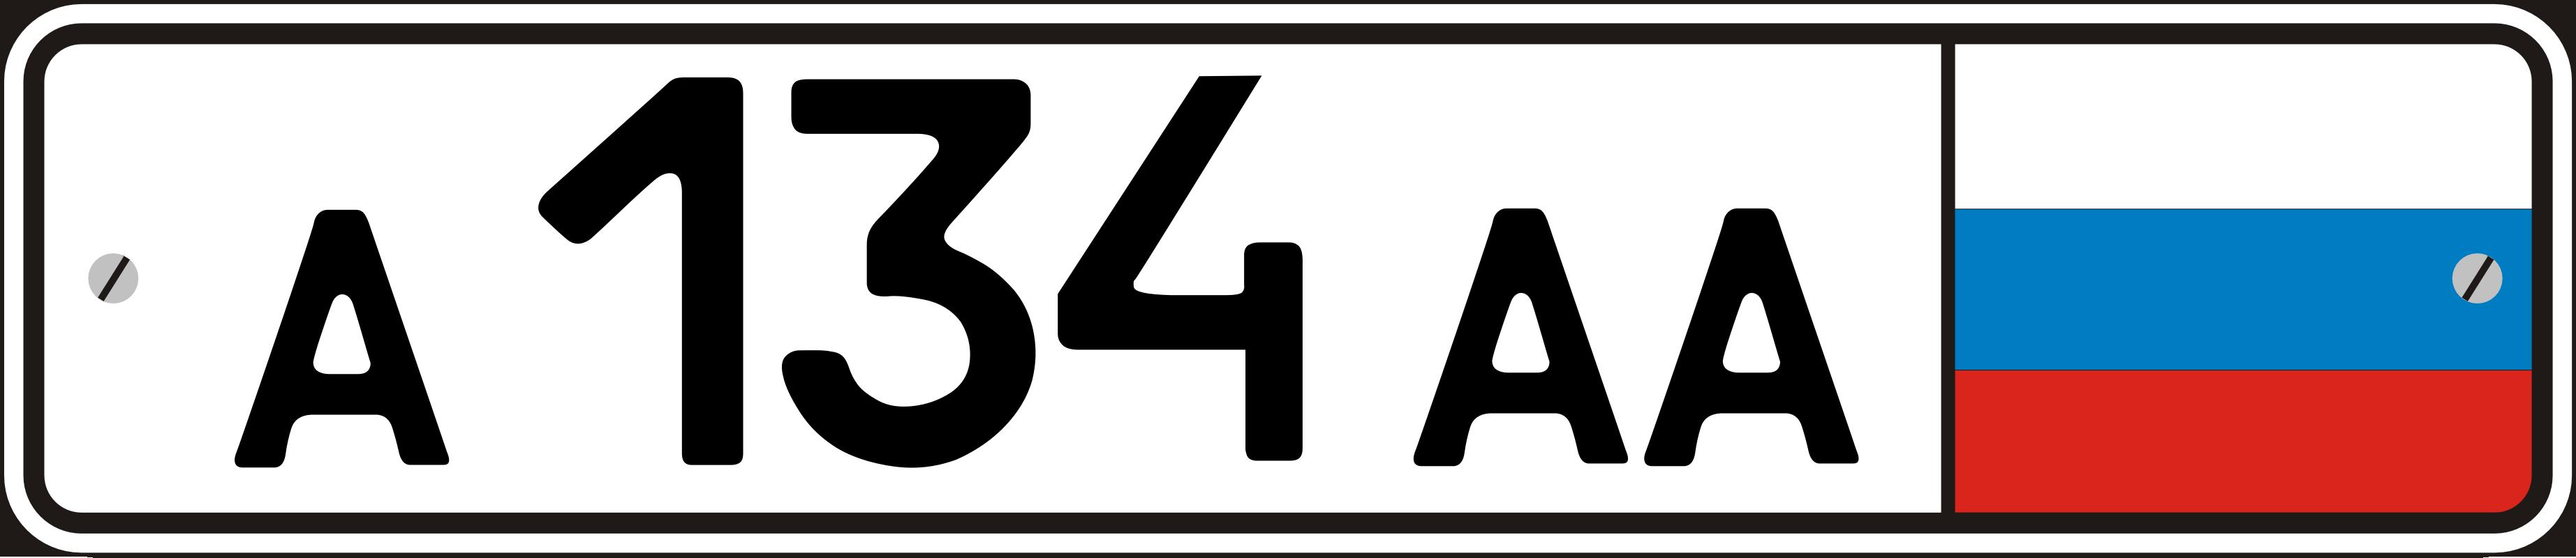 Номер автомобильный картинки